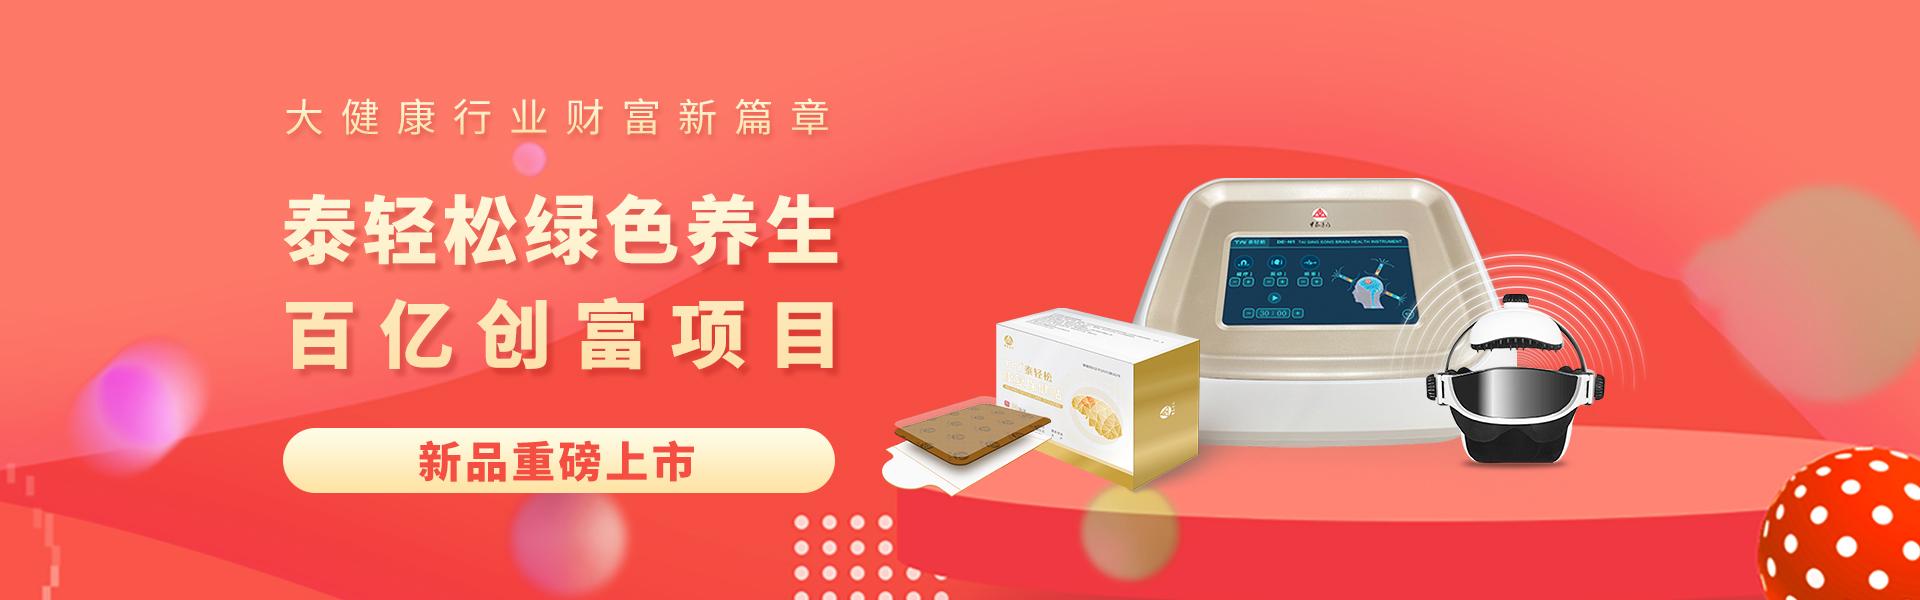 中泰医疗 LH -9911脑循环功能障碍治疗仪